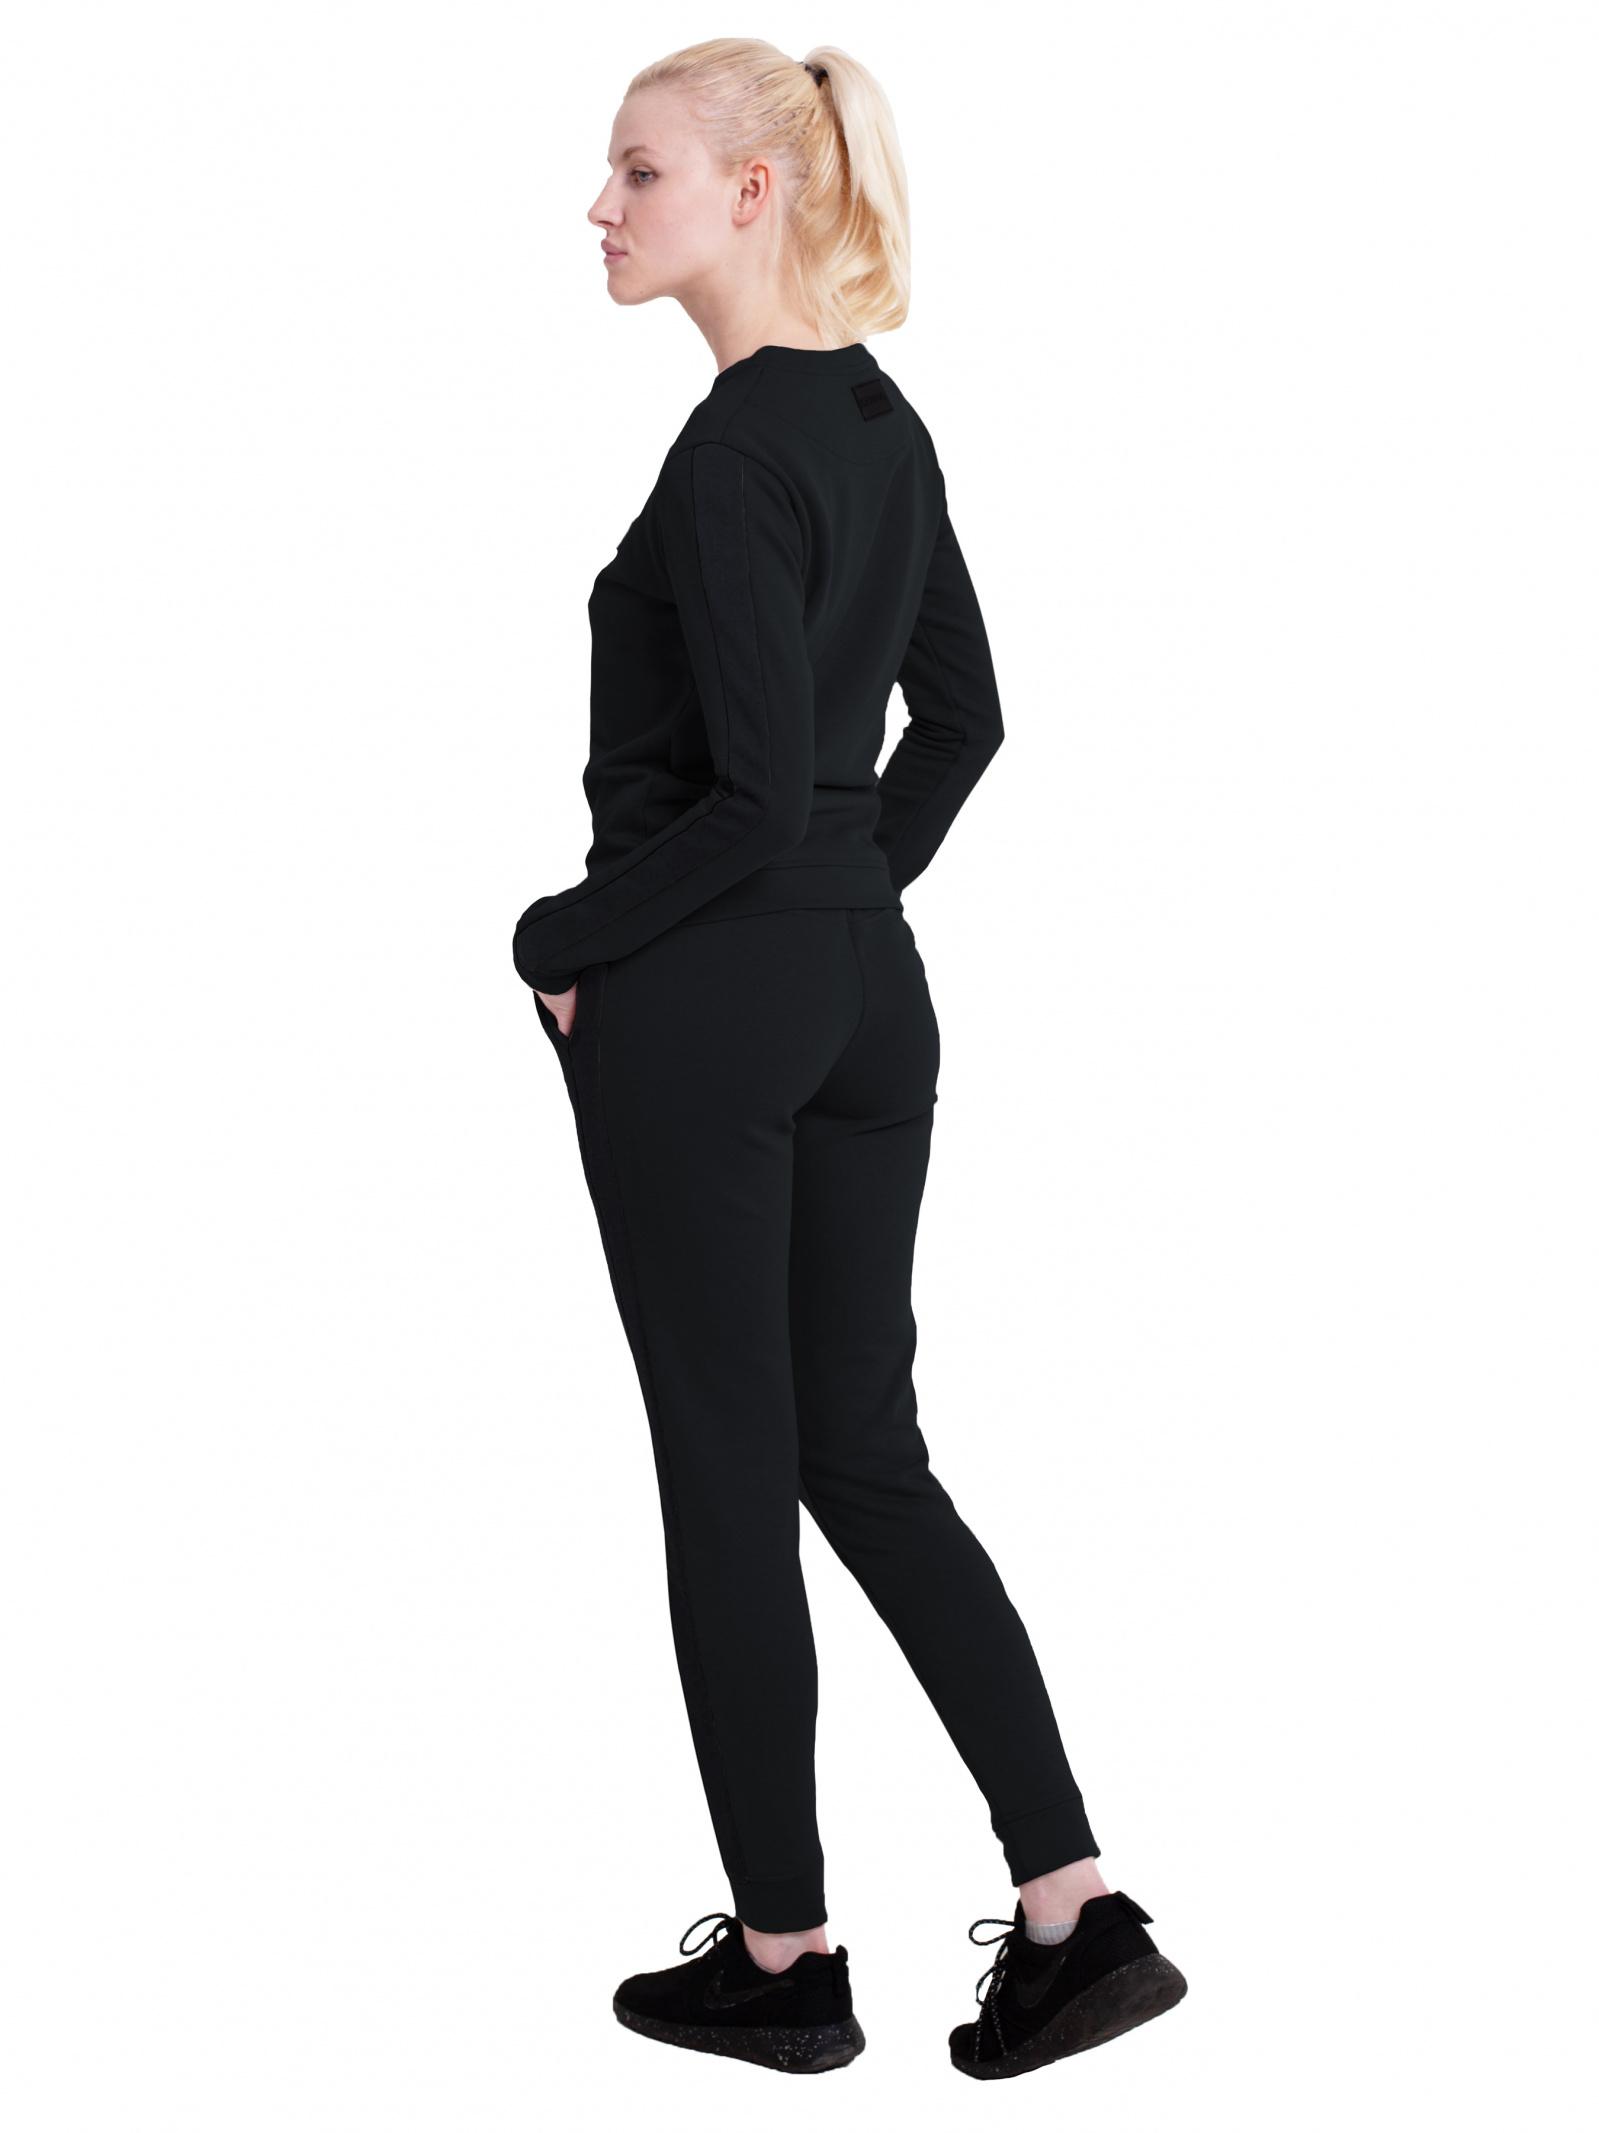 KARUA Костюм (спорт) жіночі модель S-00651 ціна, 2017